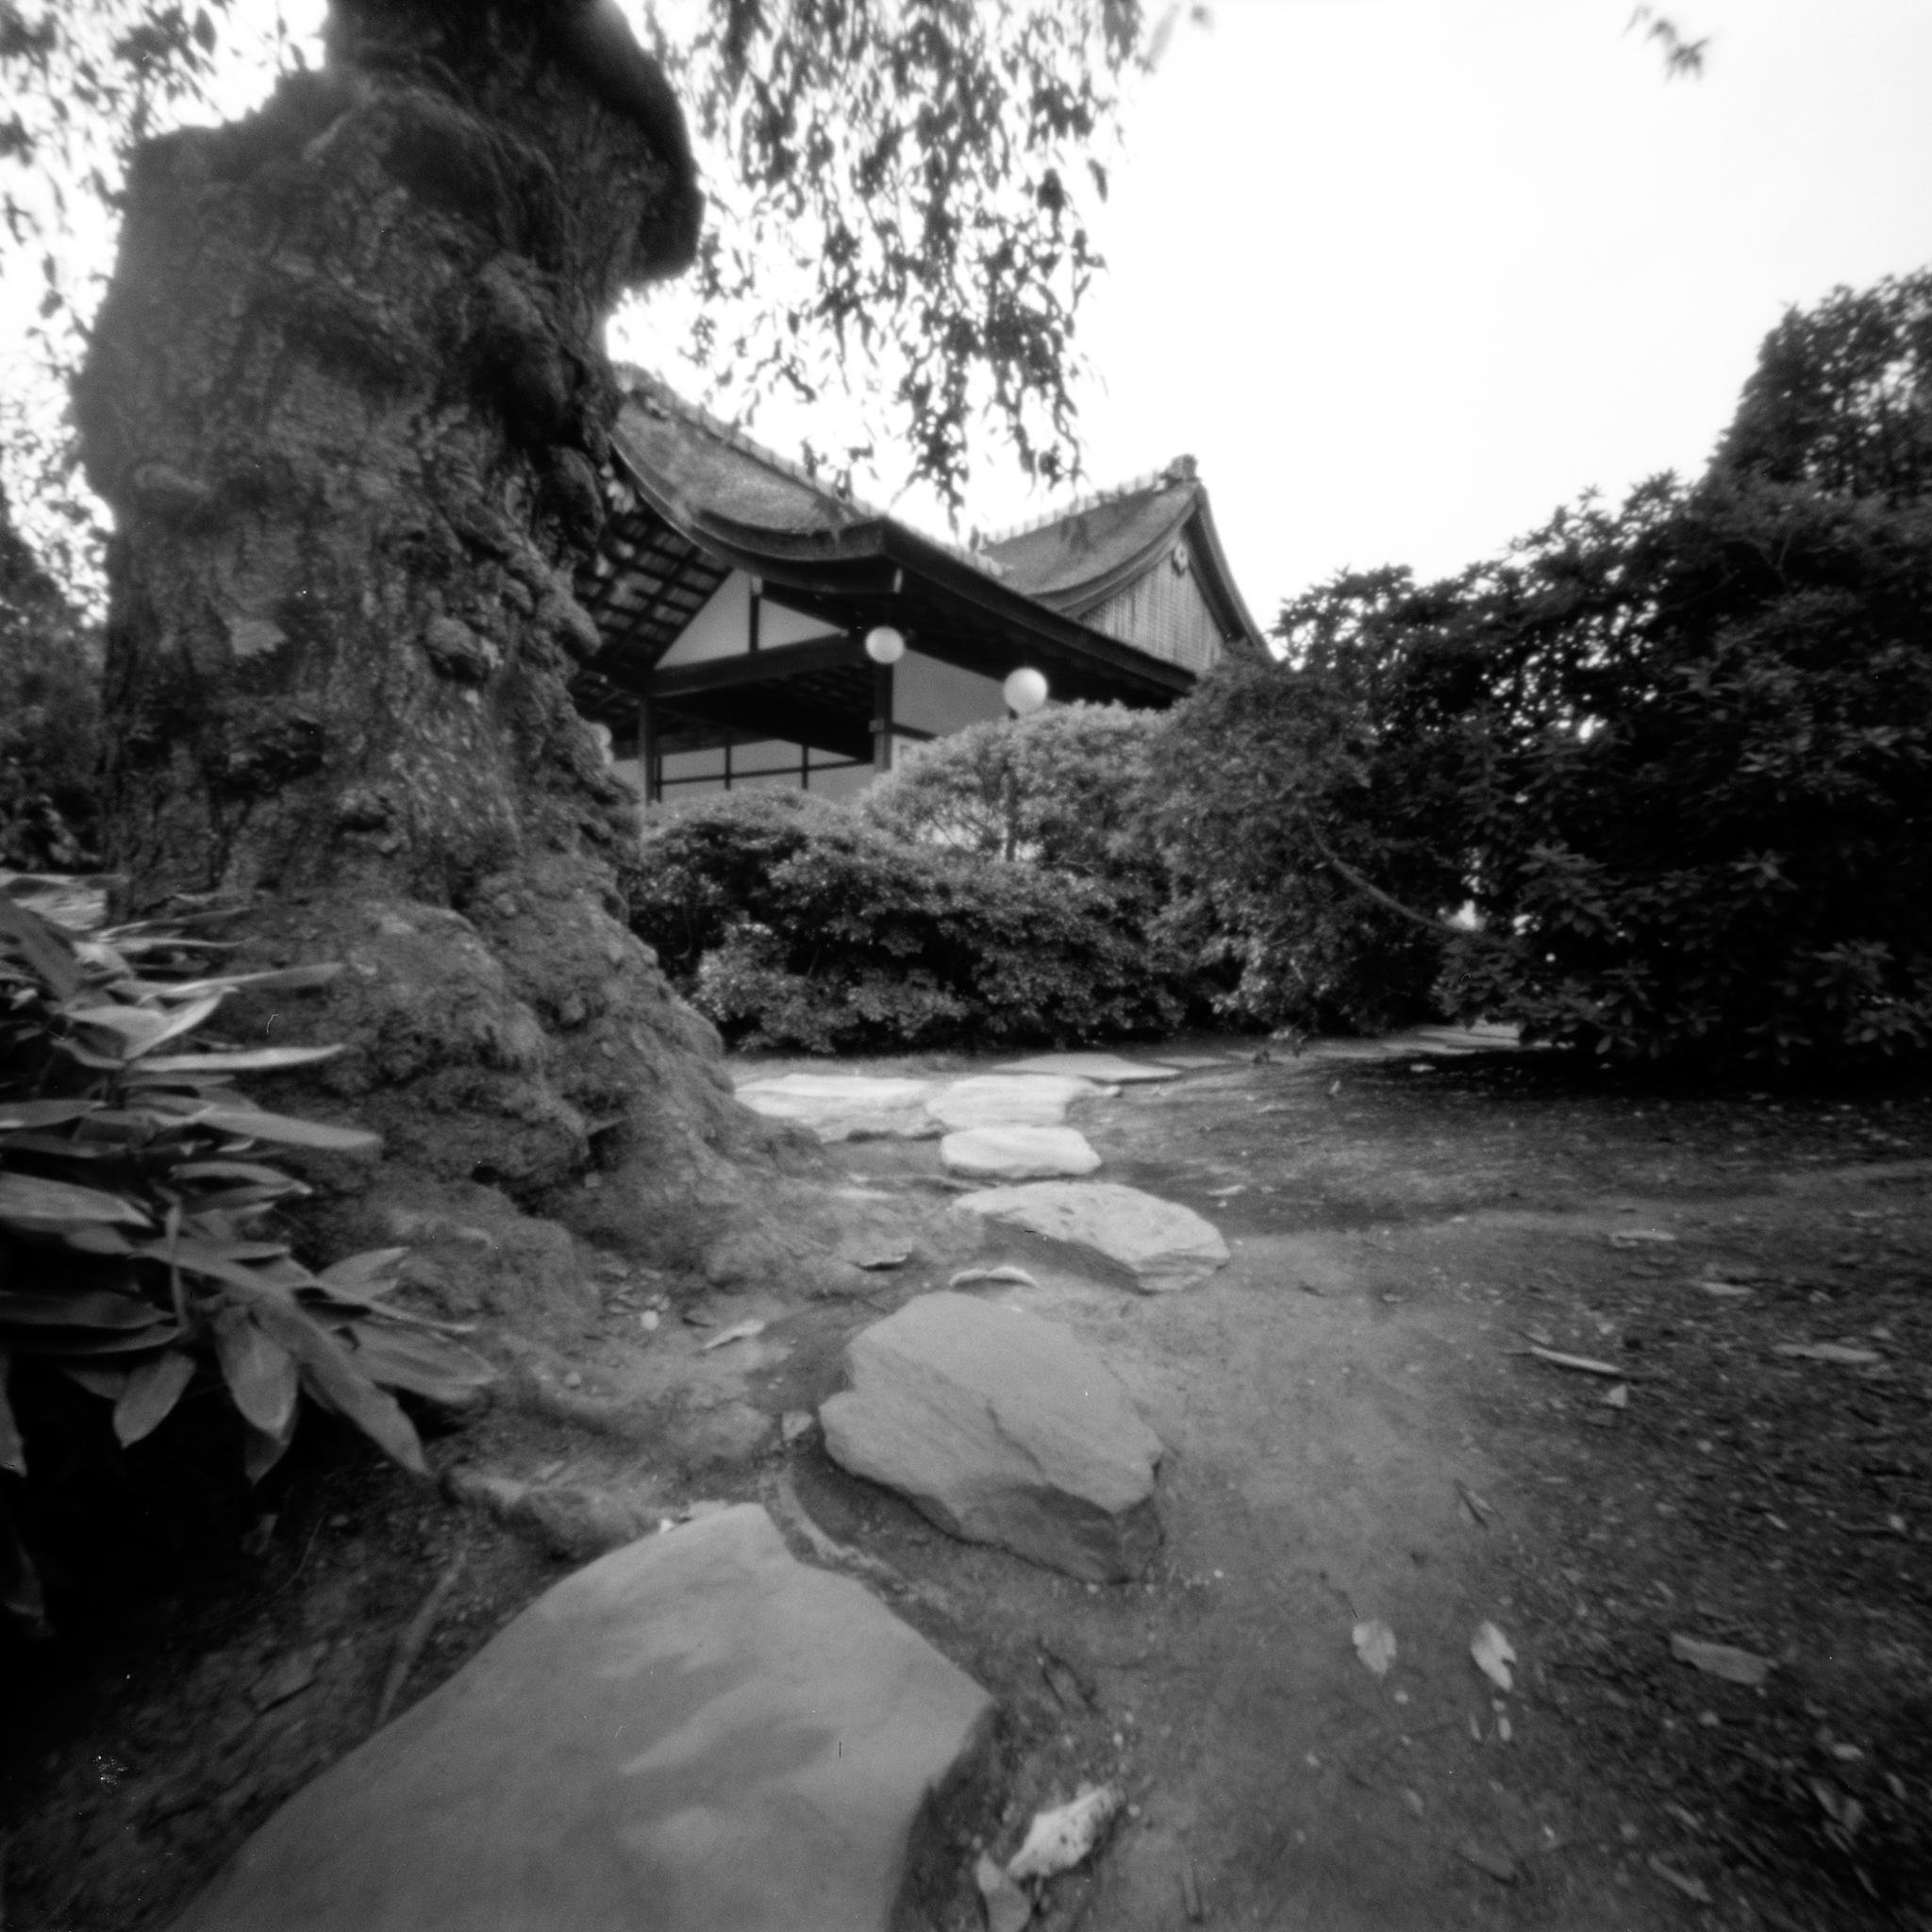 Shofuso Japanese House and Garden. Philadelphia, Pennsylvania. Zero image 2000 6x6.